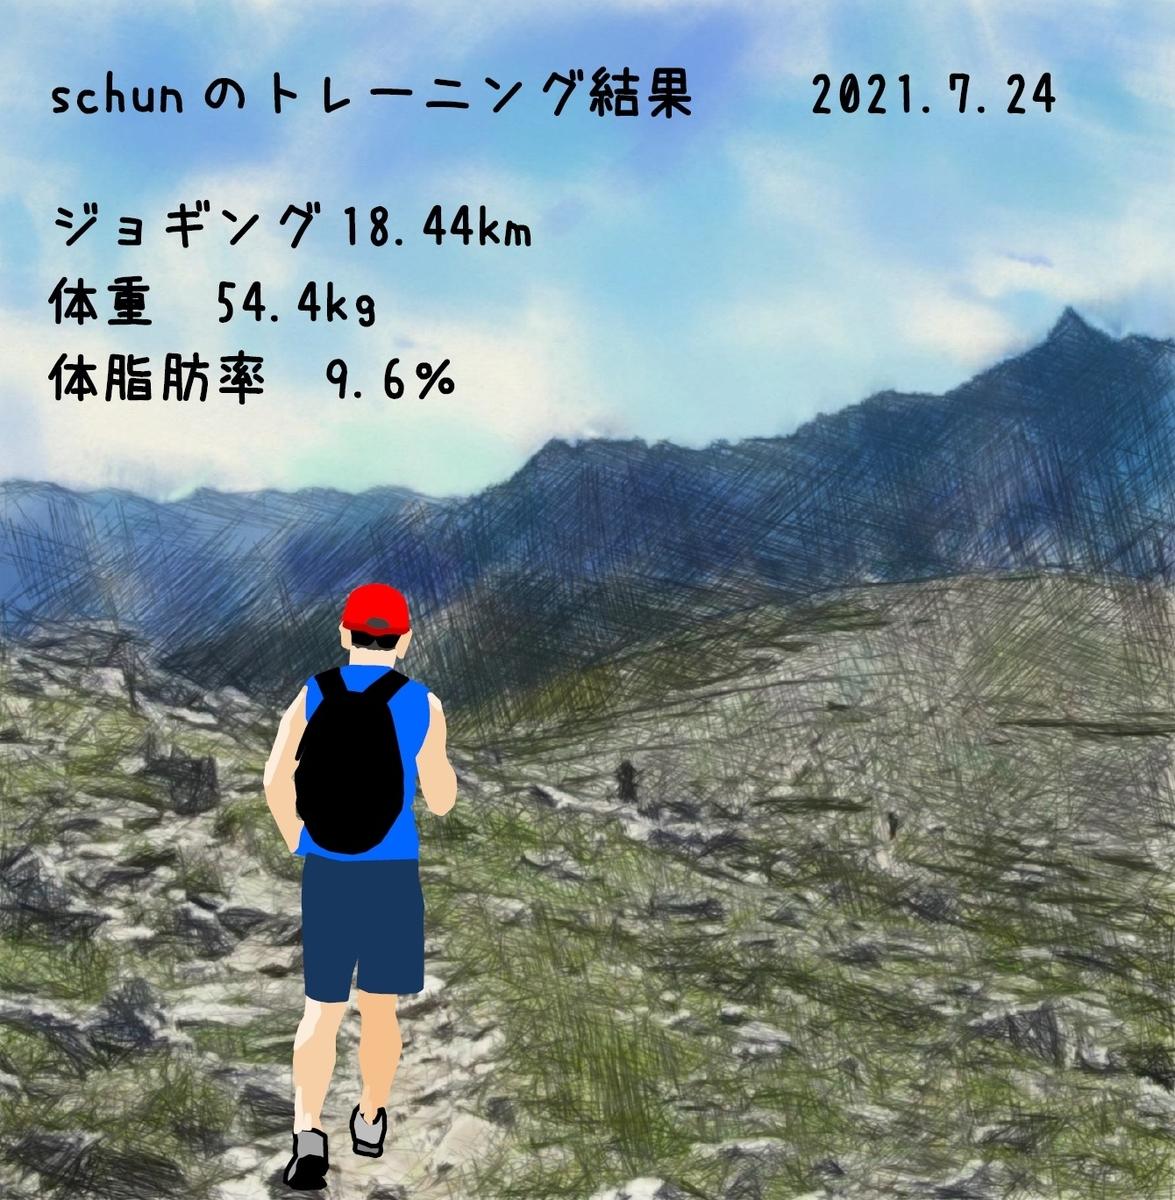 f:id:schunchi2007:20210724072811j:plain